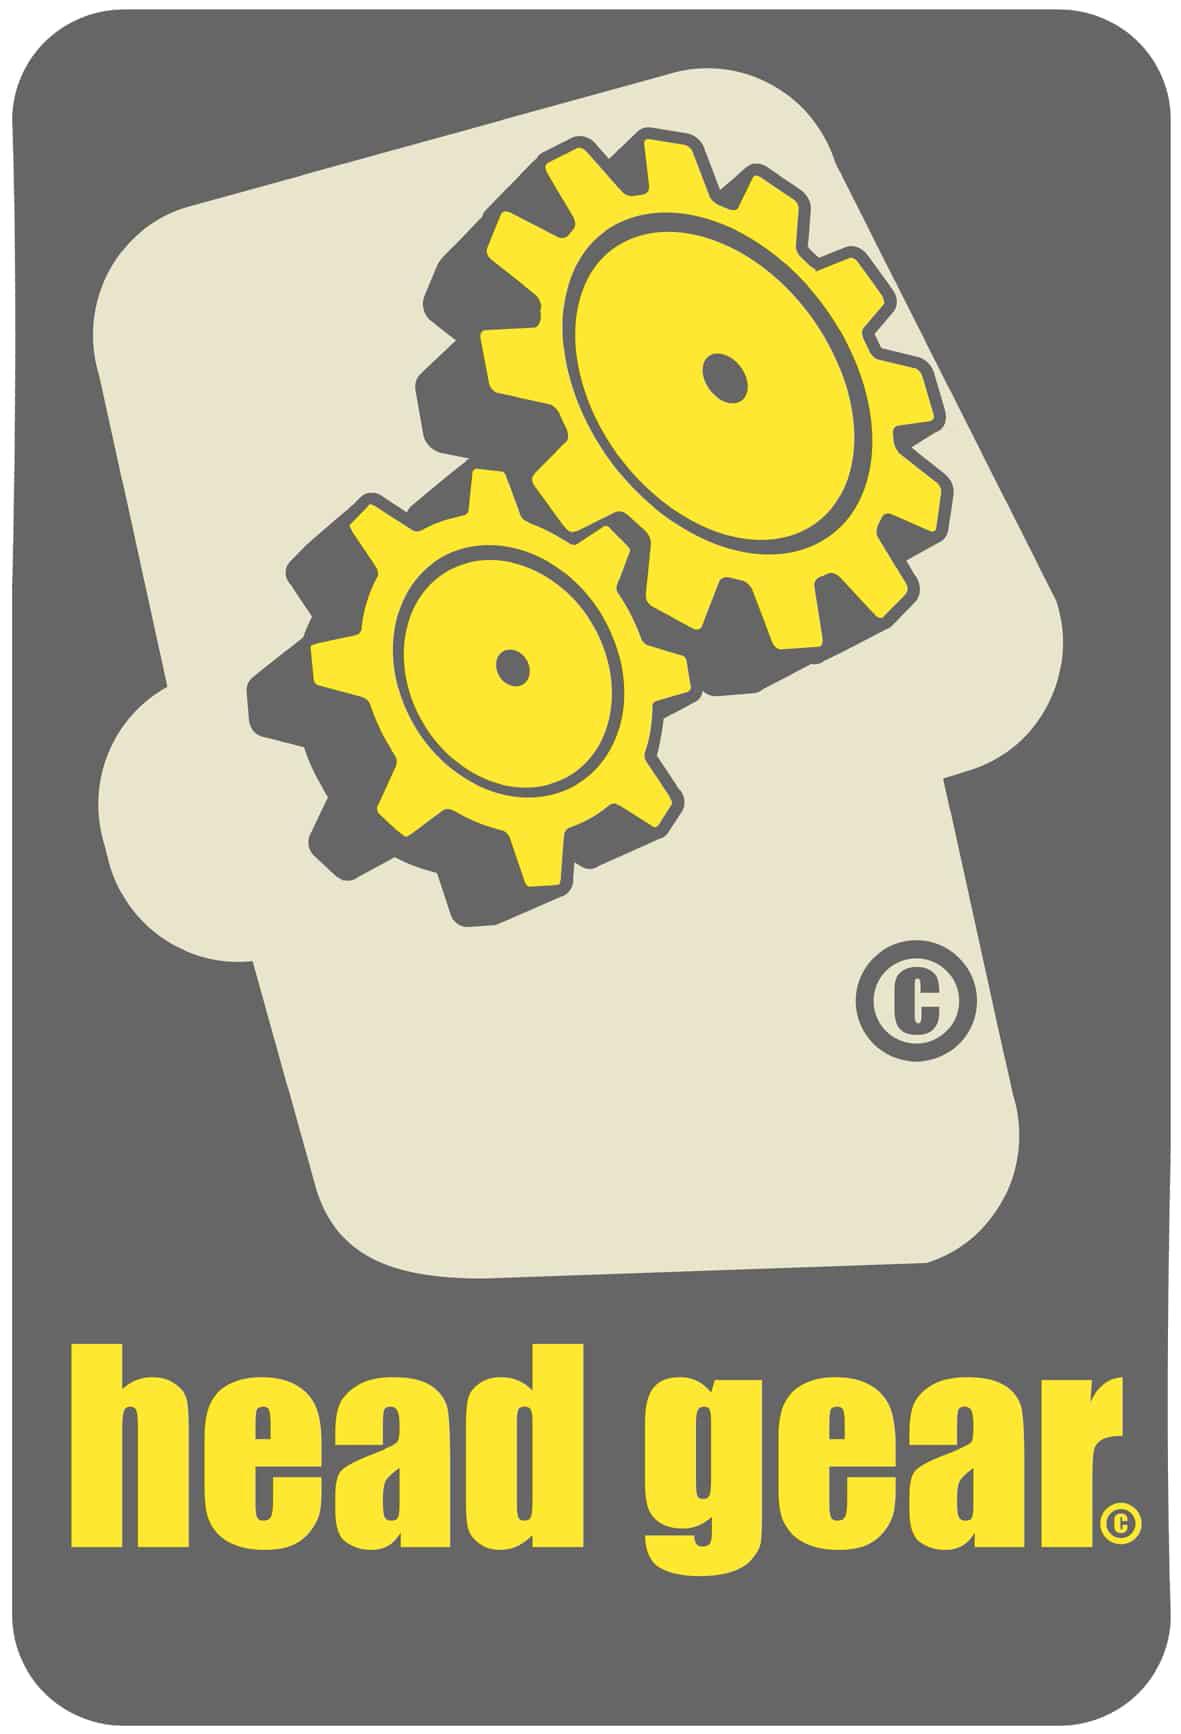 Head Gear Films